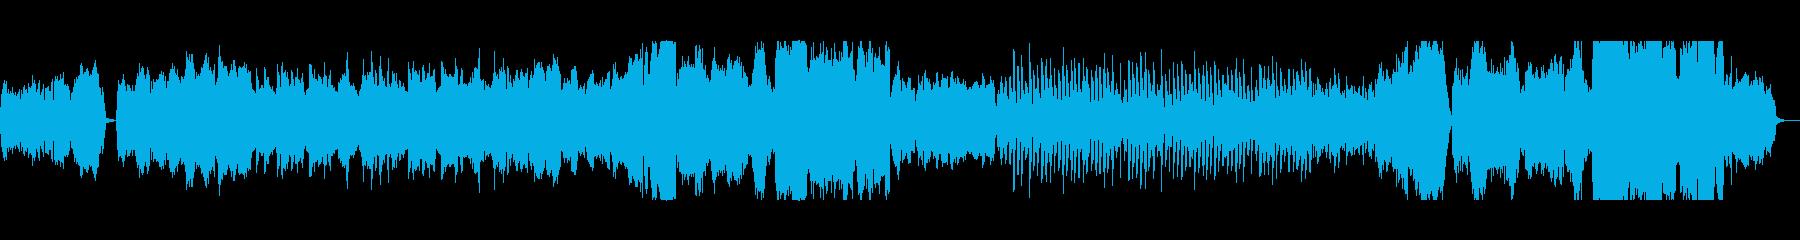 弦とハープのバラードの再生済みの波形